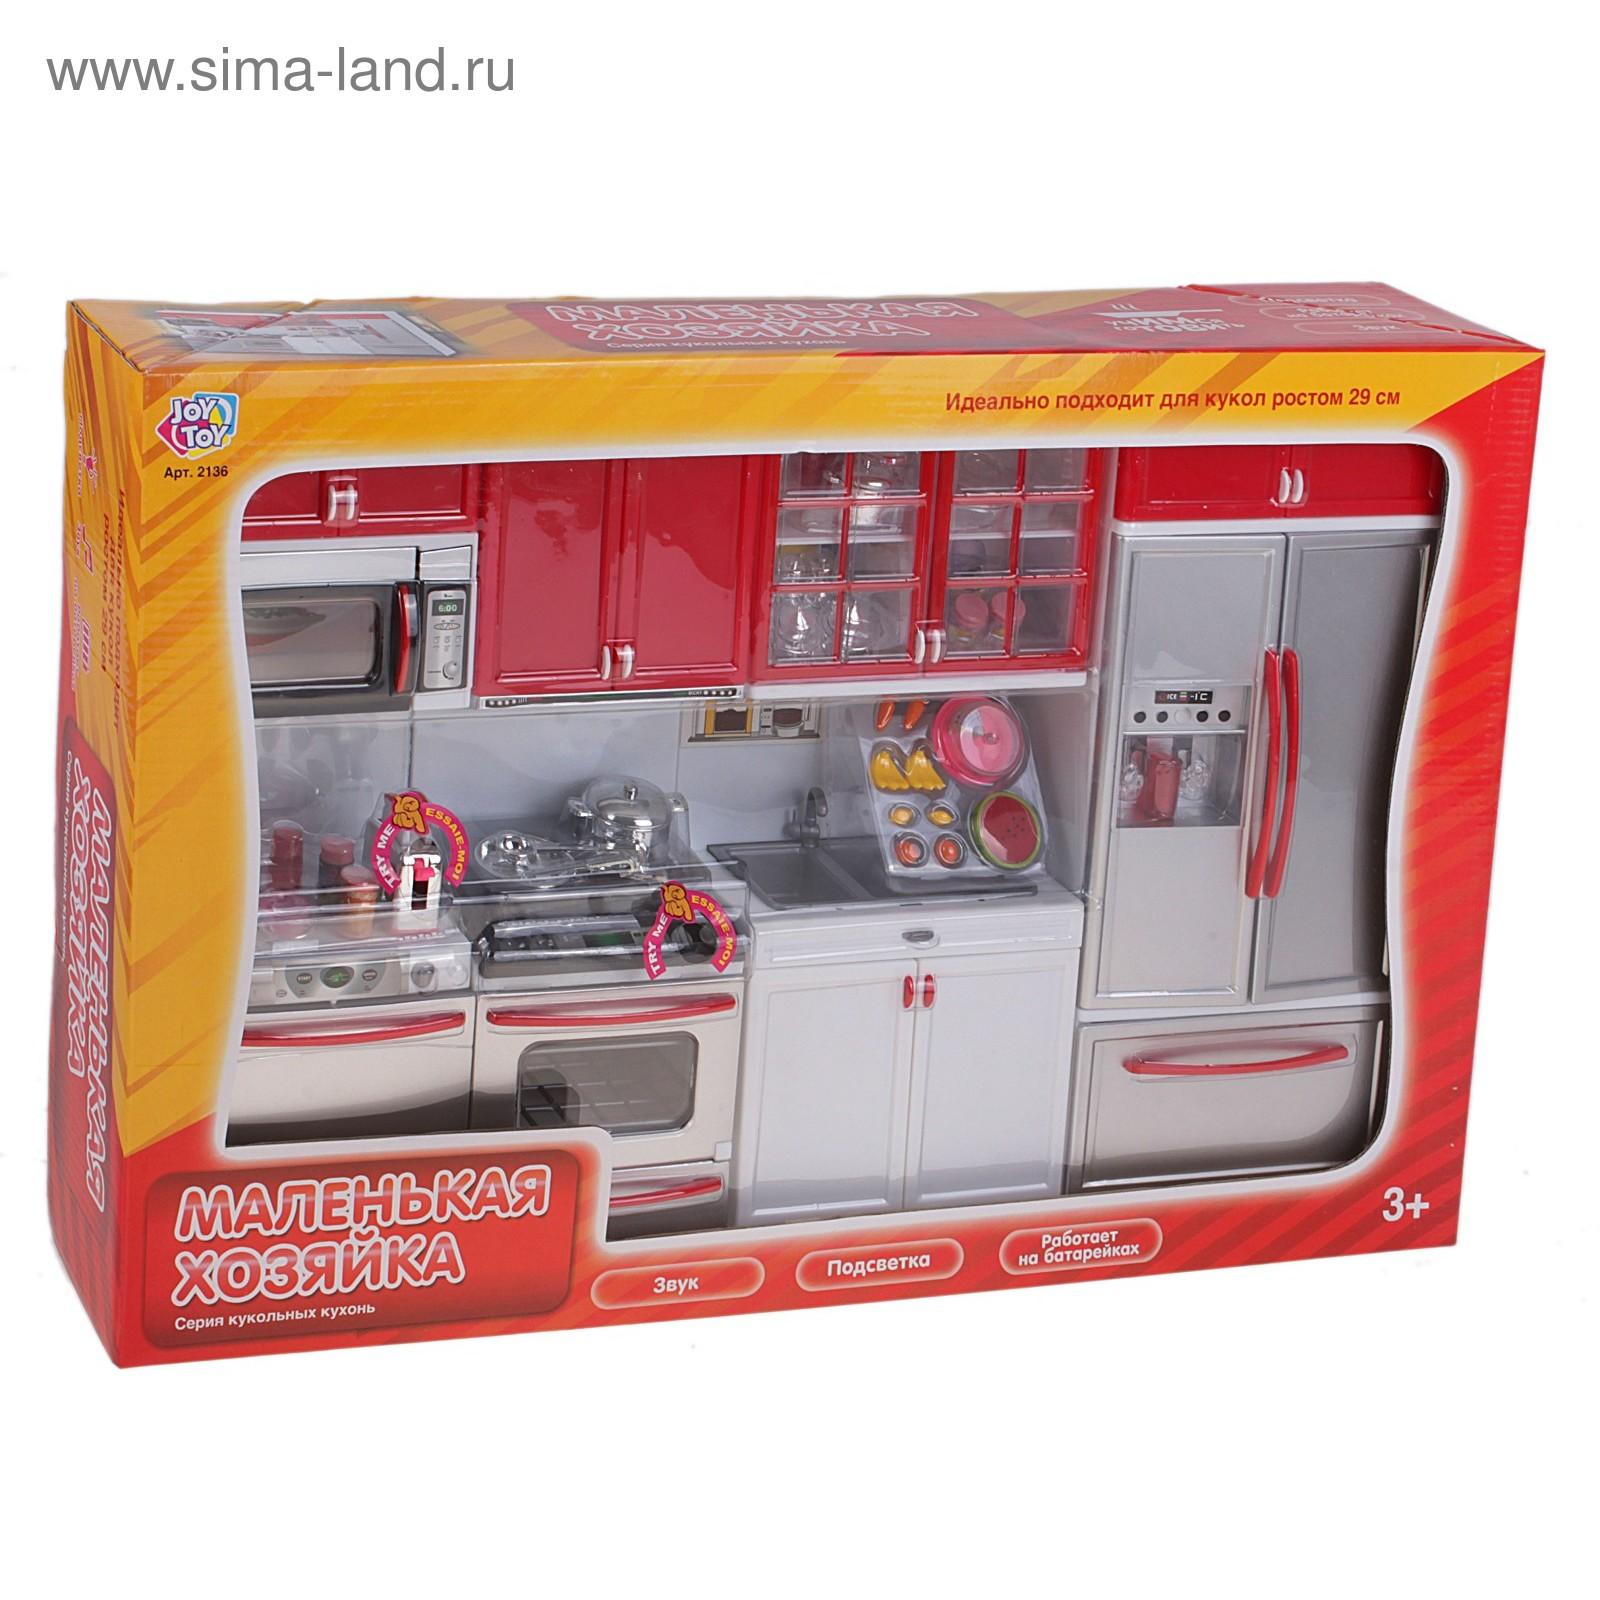 кухня маленькая хозяйка со световыми и звуковыми эффектами